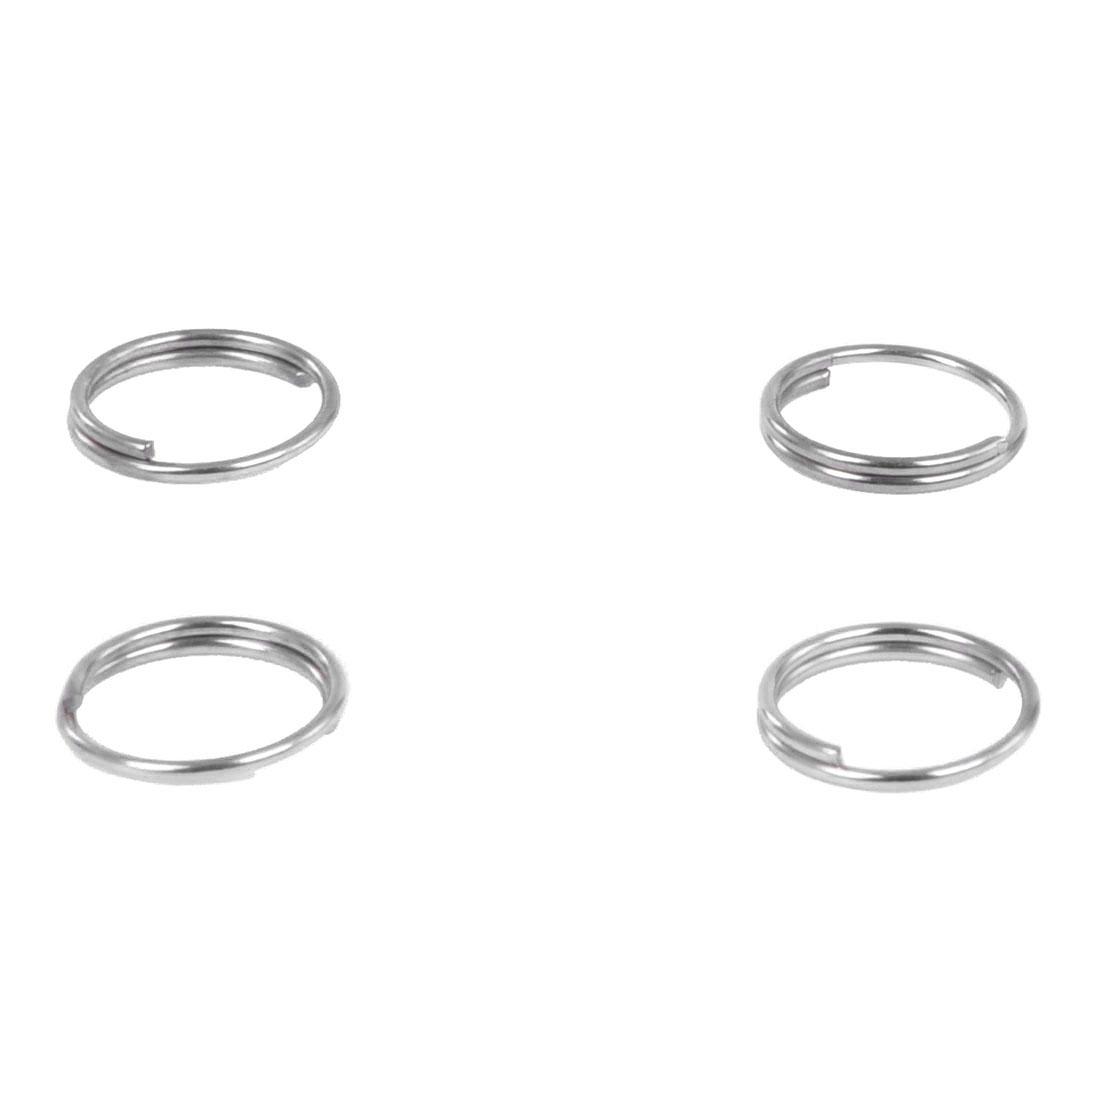 Federringe Spaltringe Ringe /Ösen 8mm Edelstahl X250 Neu